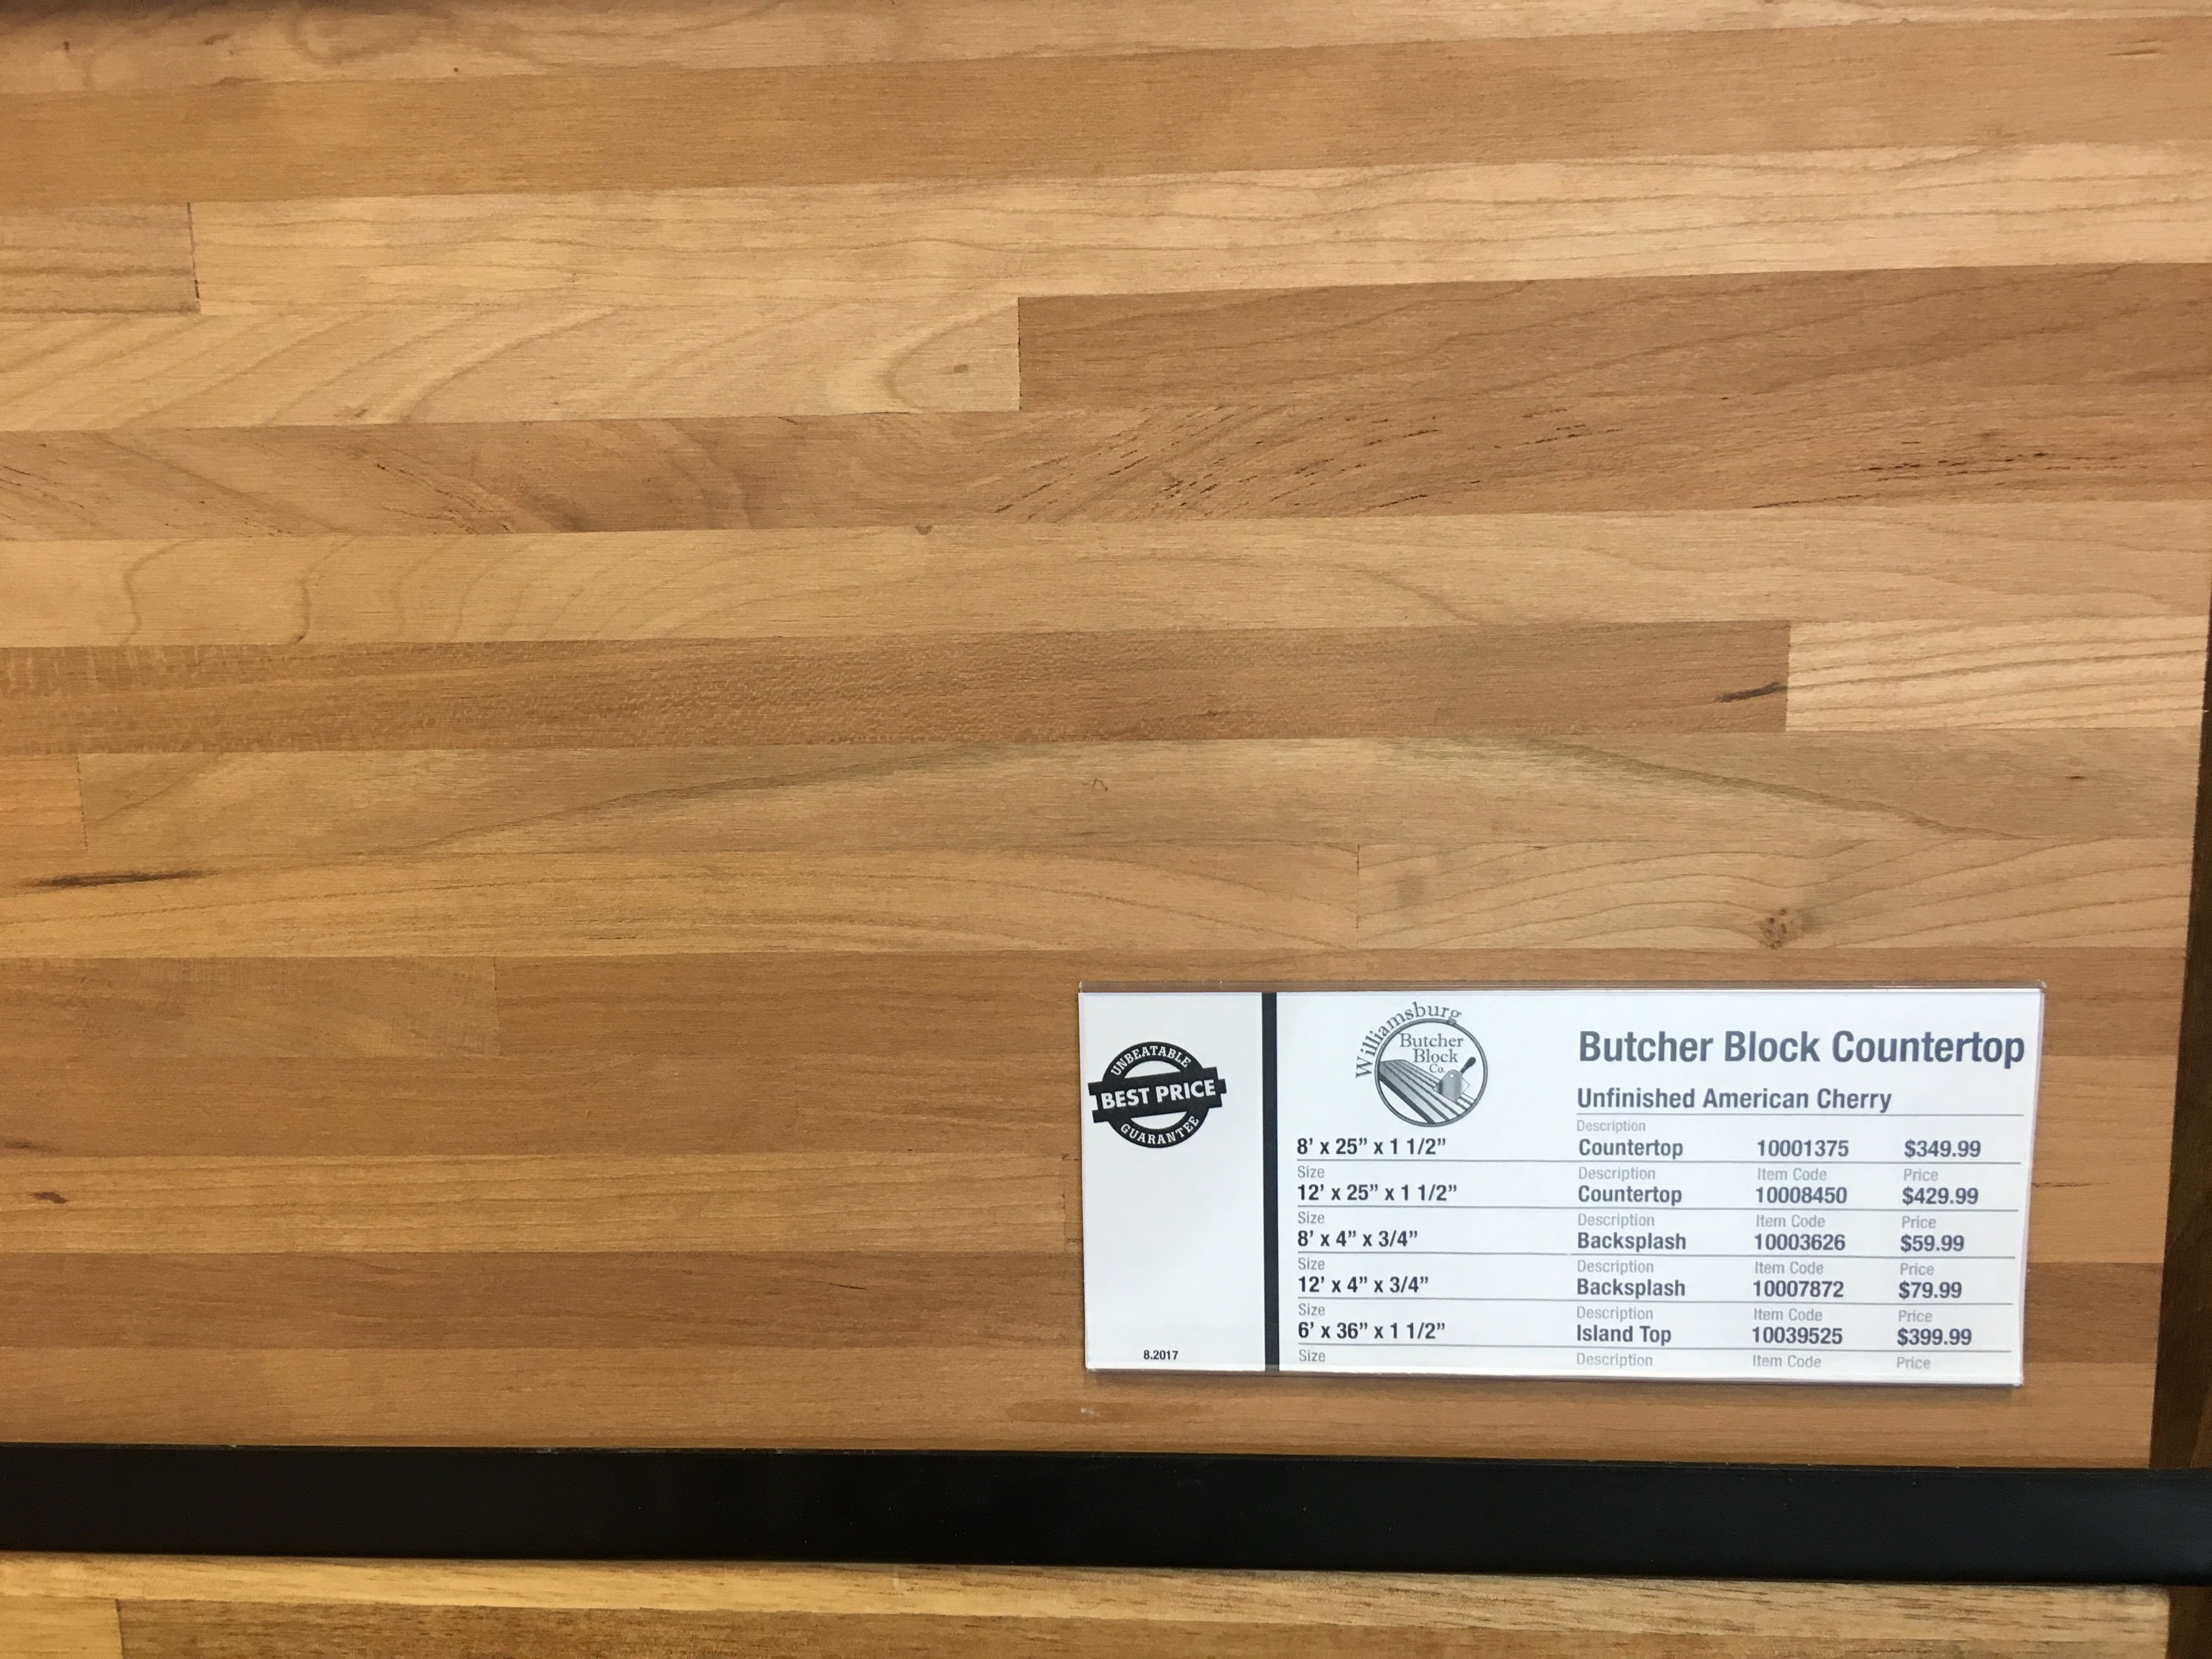 Cherry butcher block (Lumber liquidators) for 6' x 4